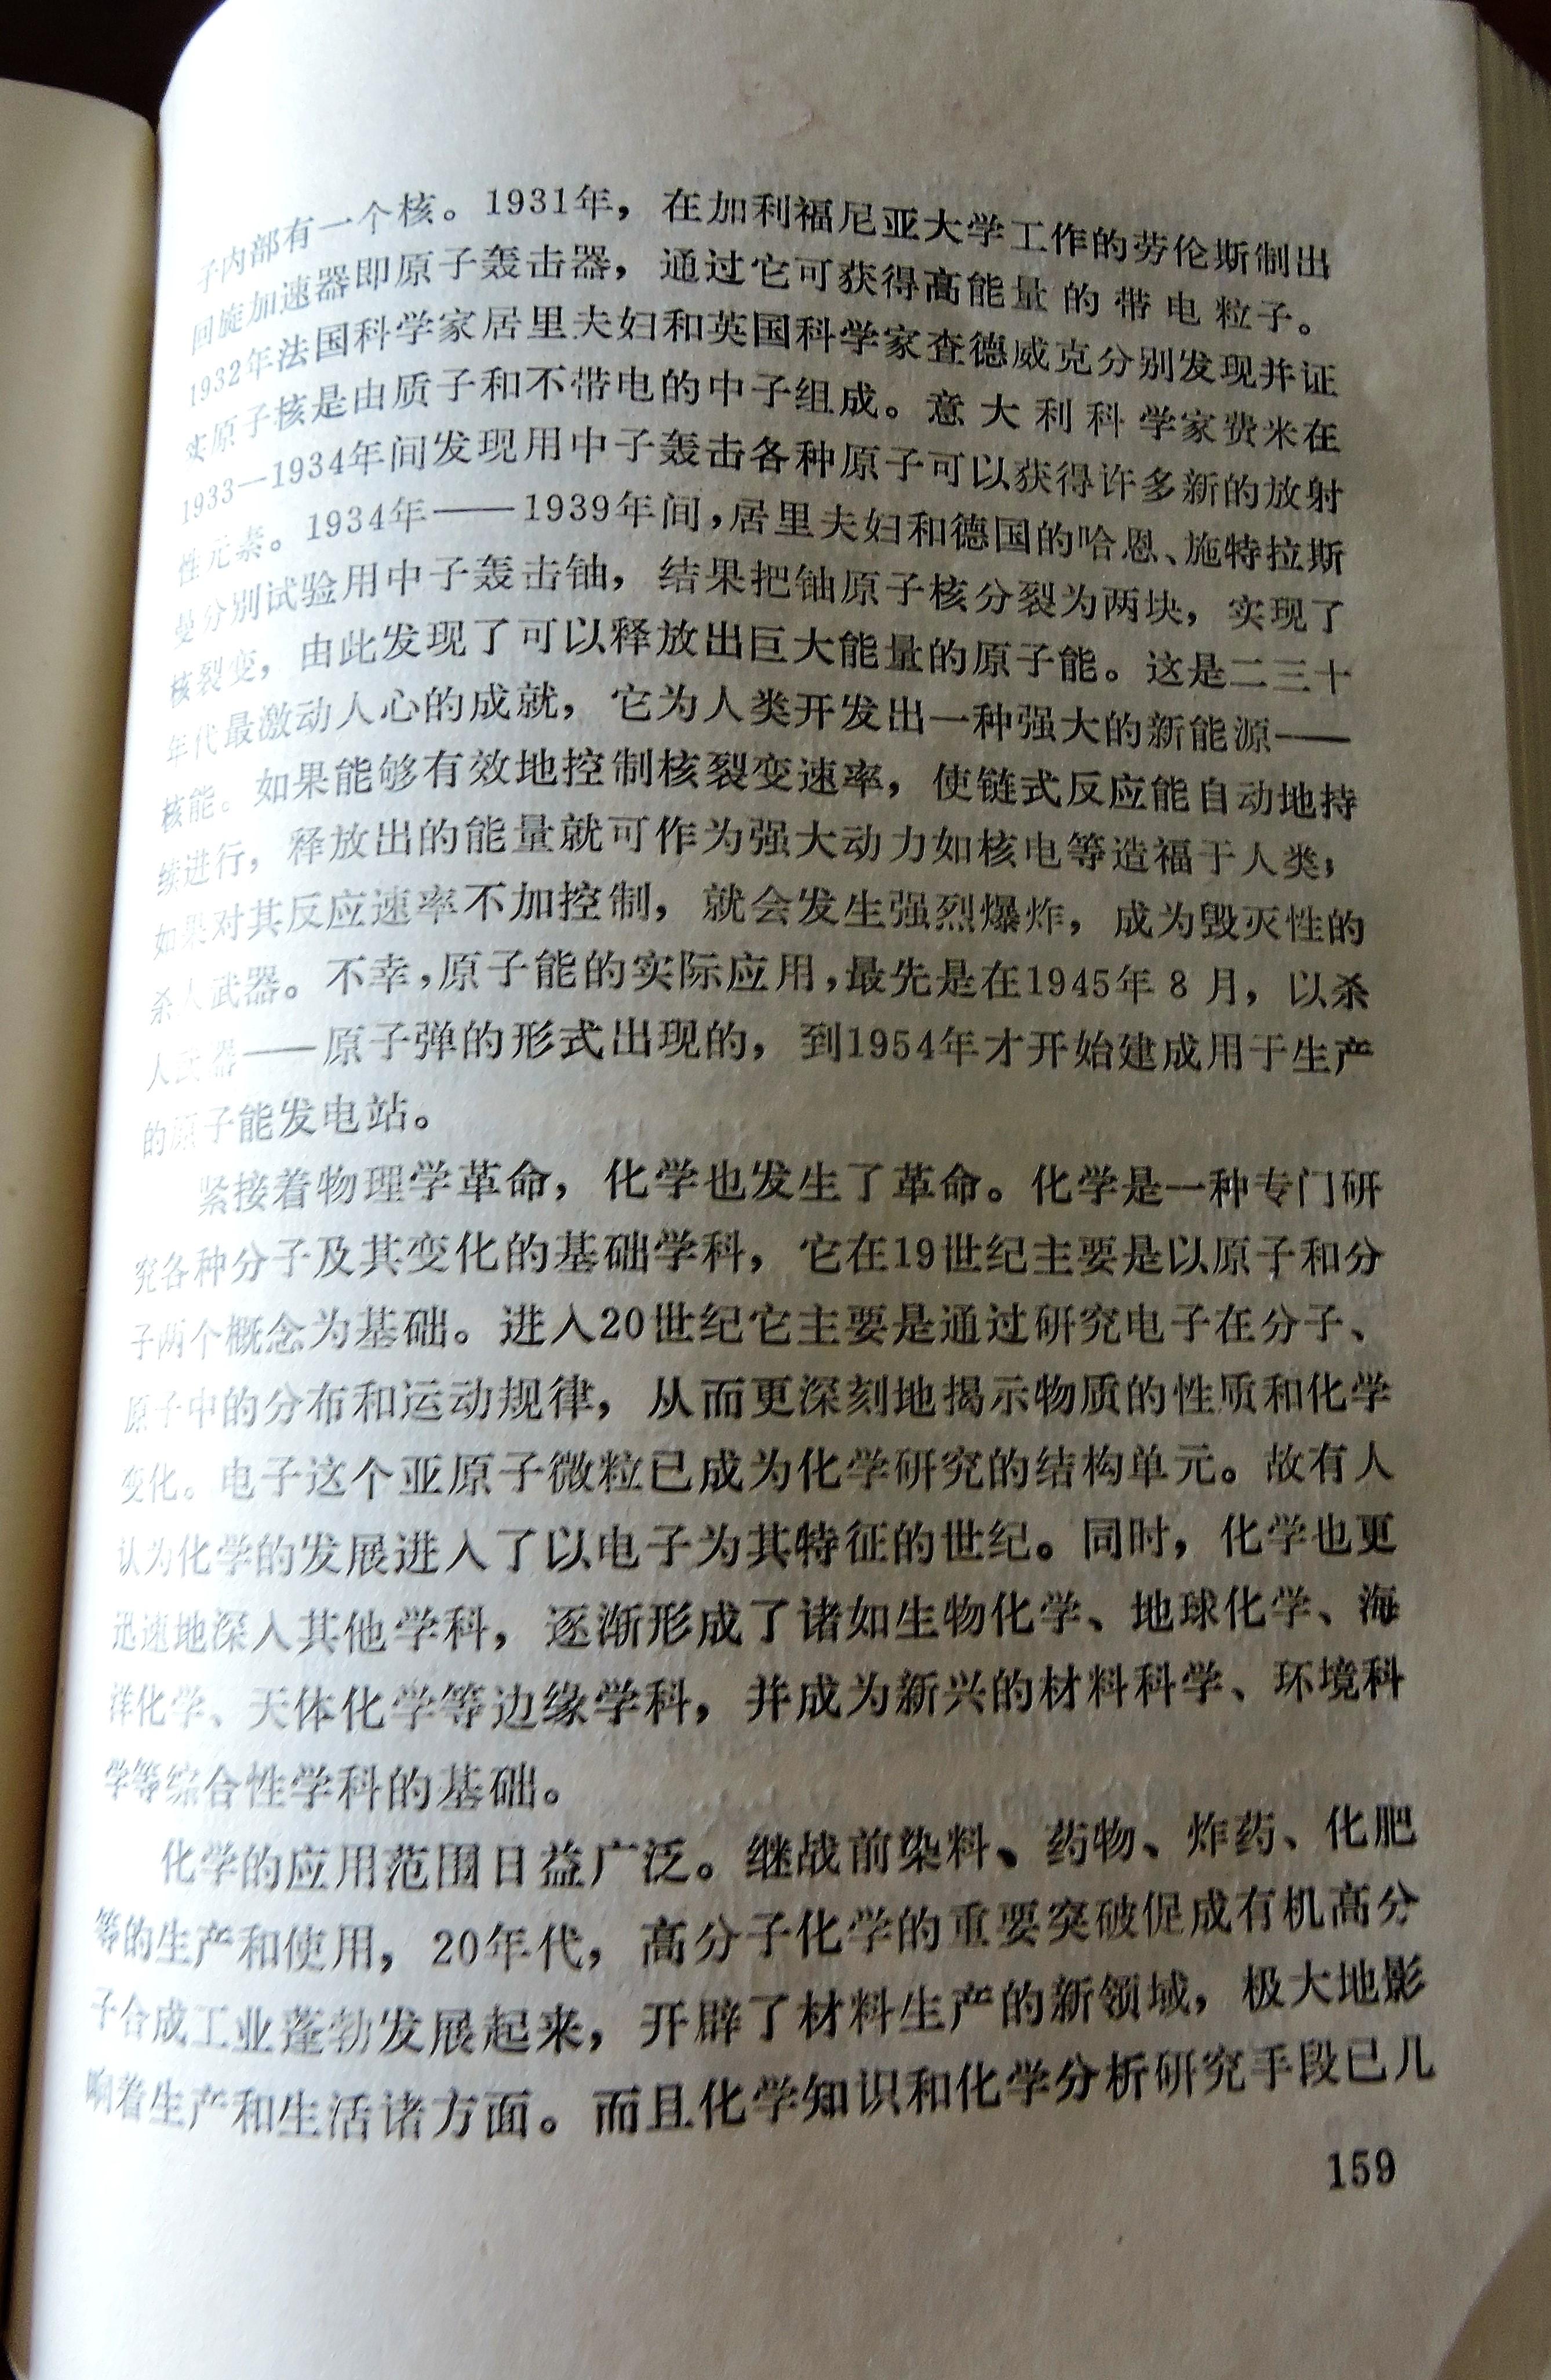 3 DSCN7876.jpg